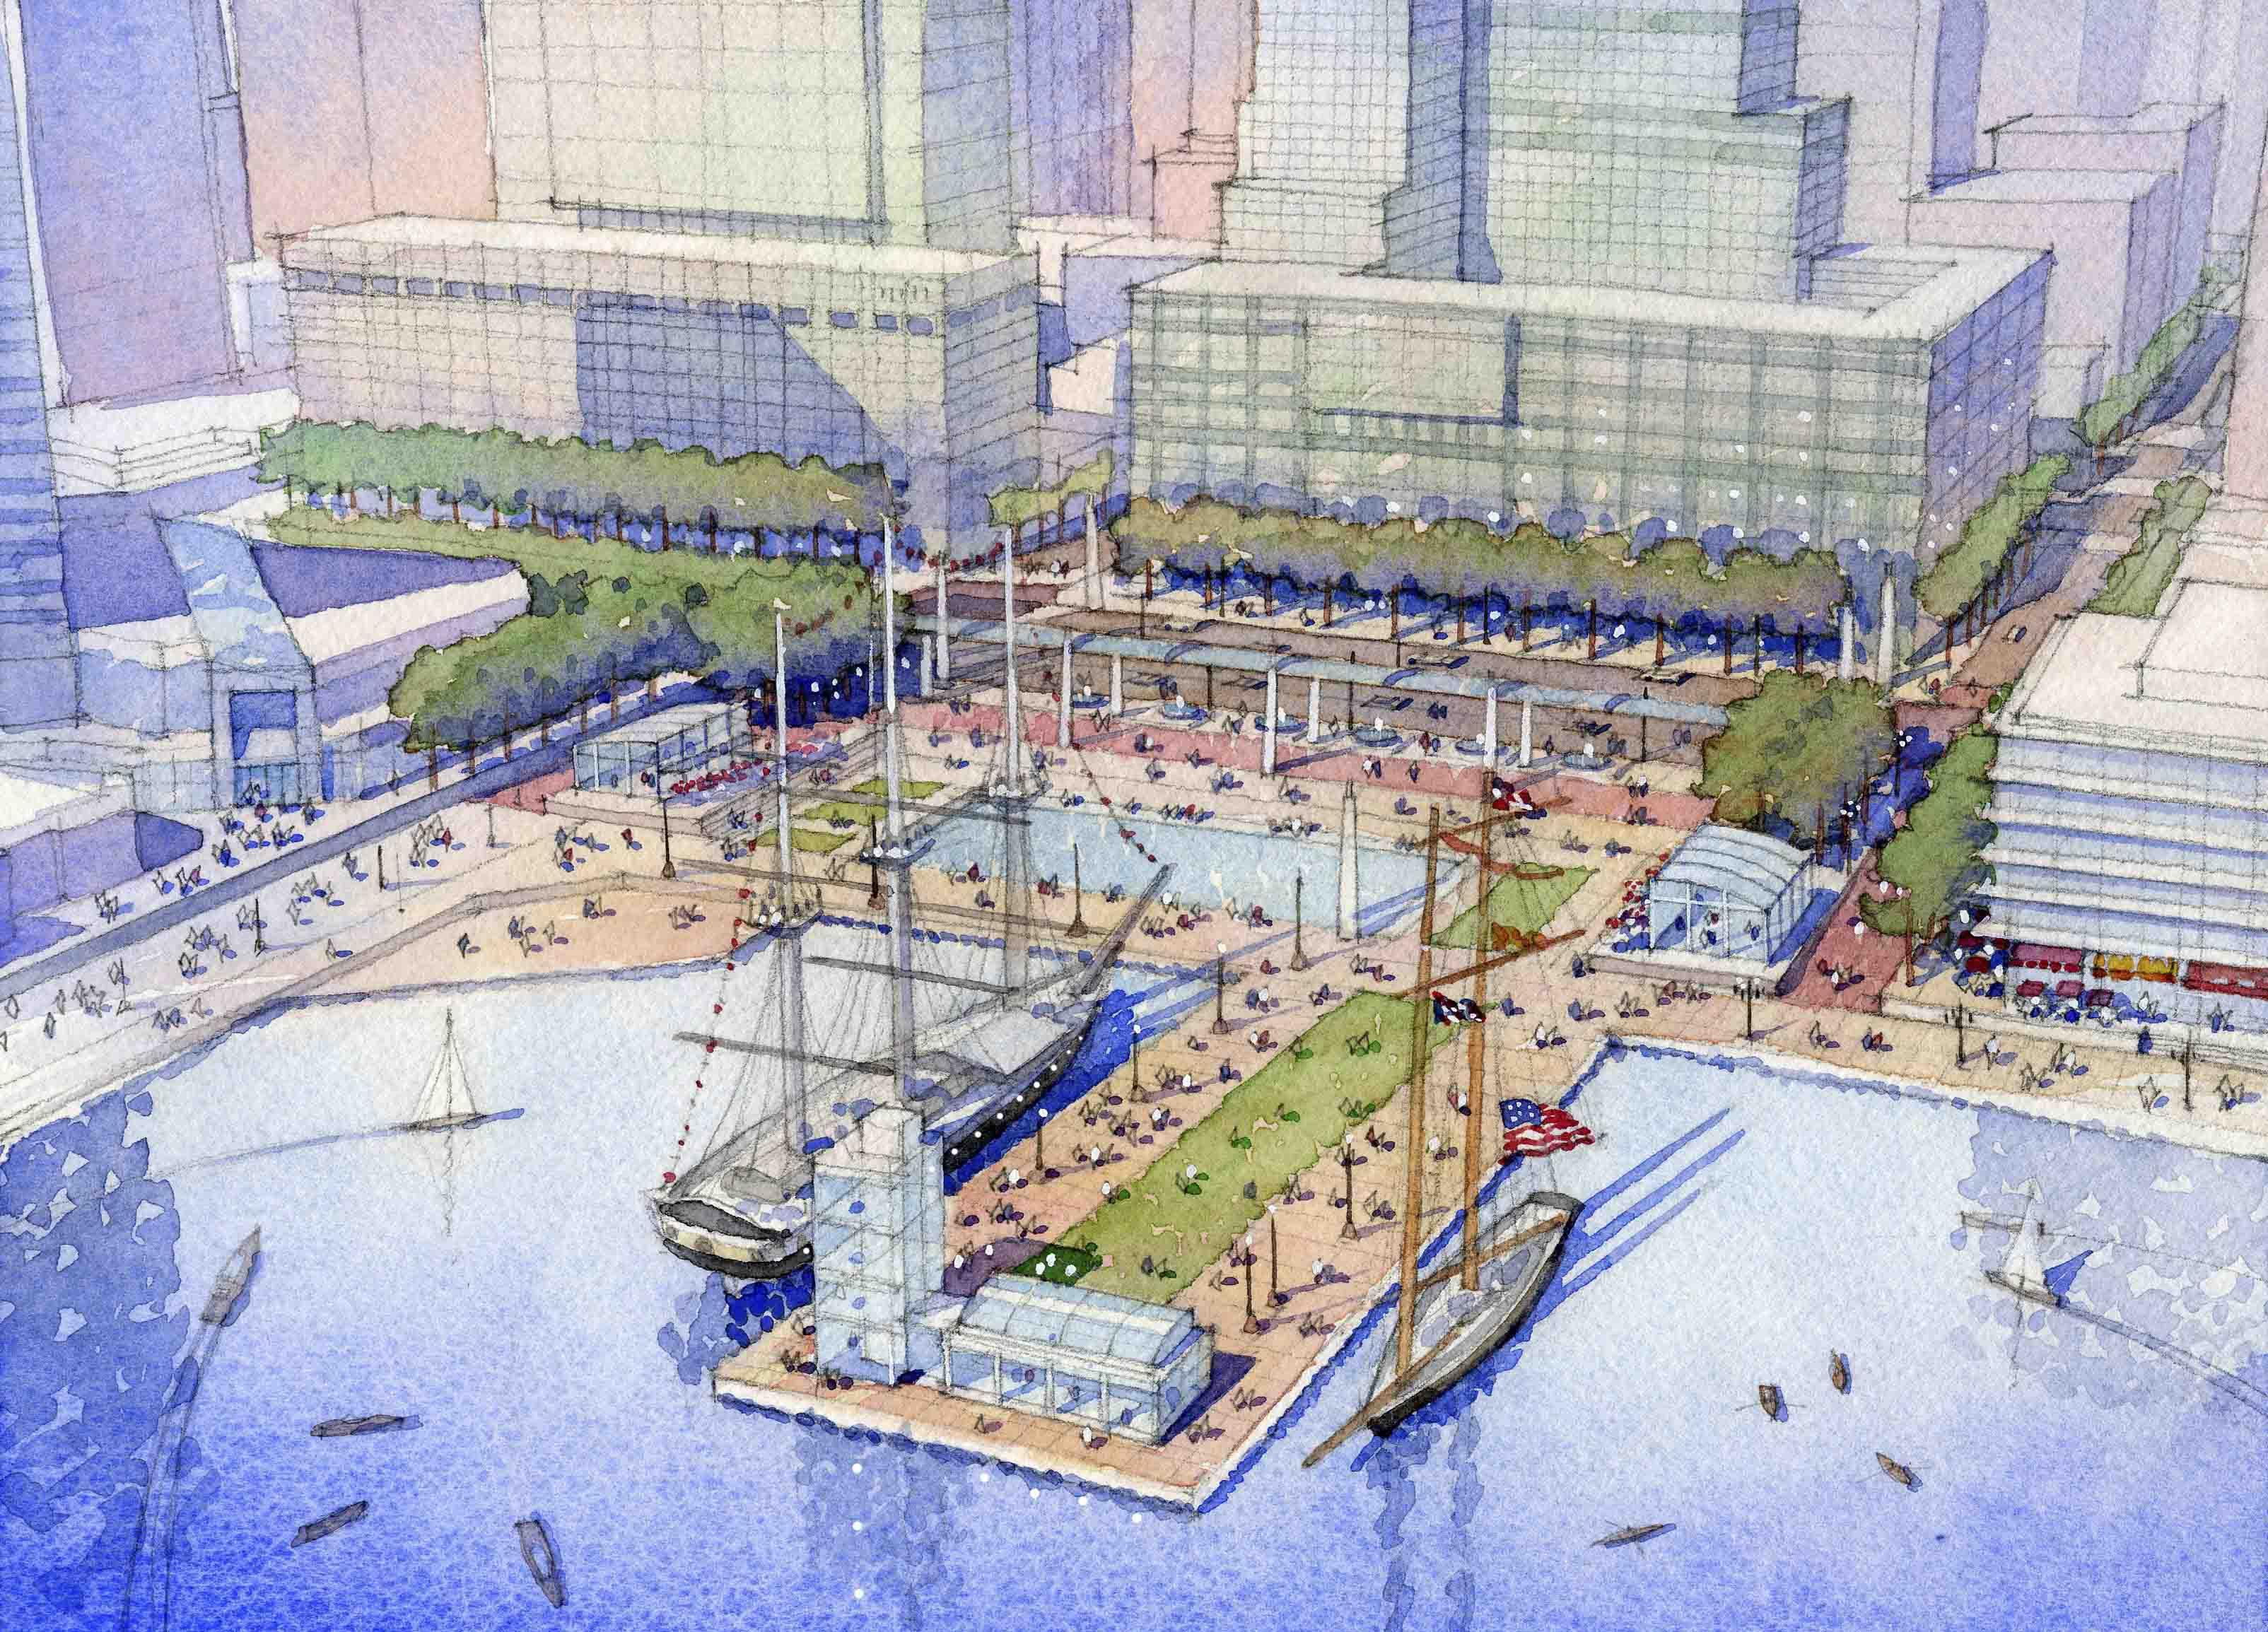 2007 Harborplace Plan Baltimore, MD